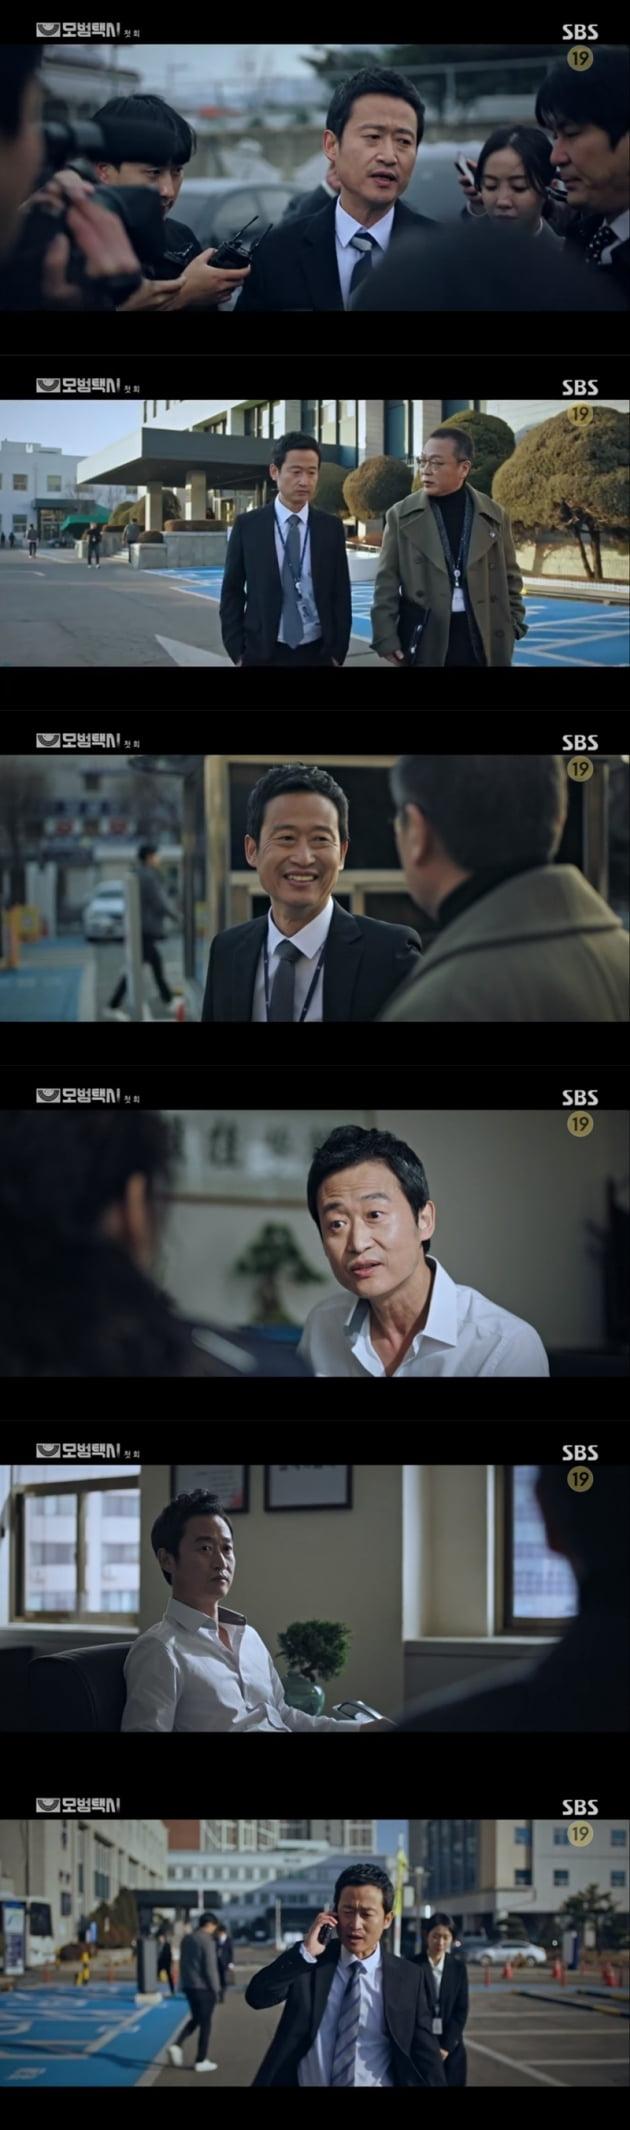 '모범택시' 유승목 /사진=SBS 방송화면 캡처